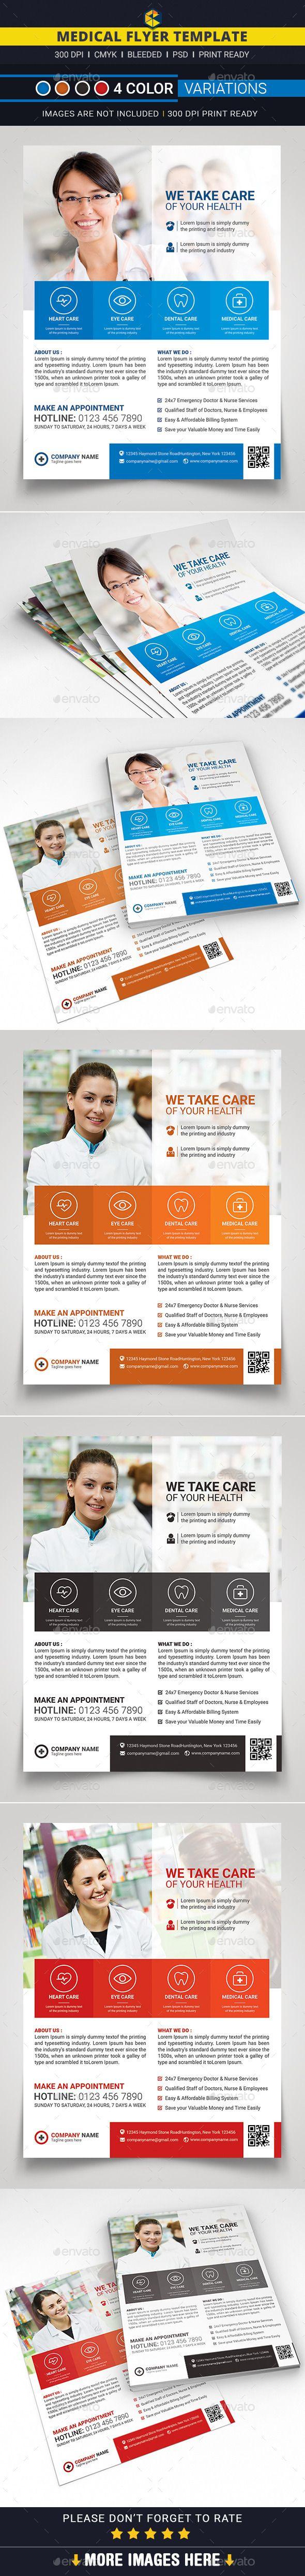 Medical Flyer Template #design Download: http://graphicriver.net/item/medical-flyer-/12442498?ref=ksioks